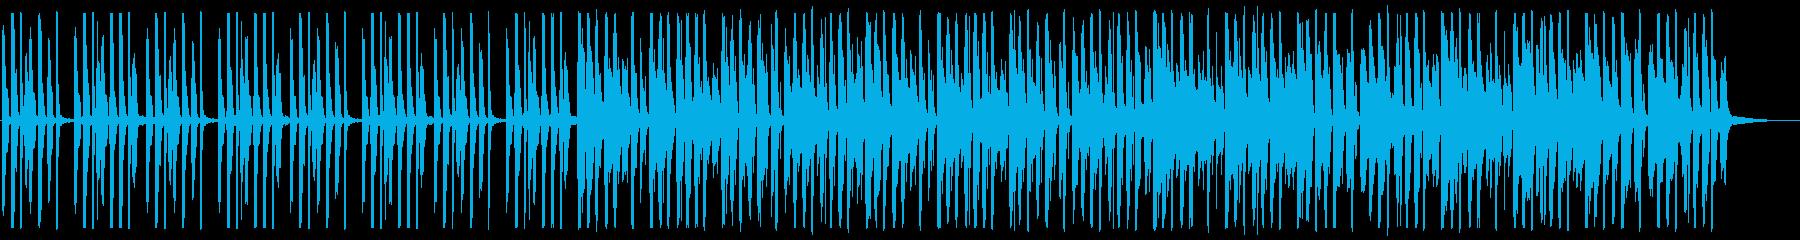 アーバン/優しさ/R&B_No468_3の再生済みの波形